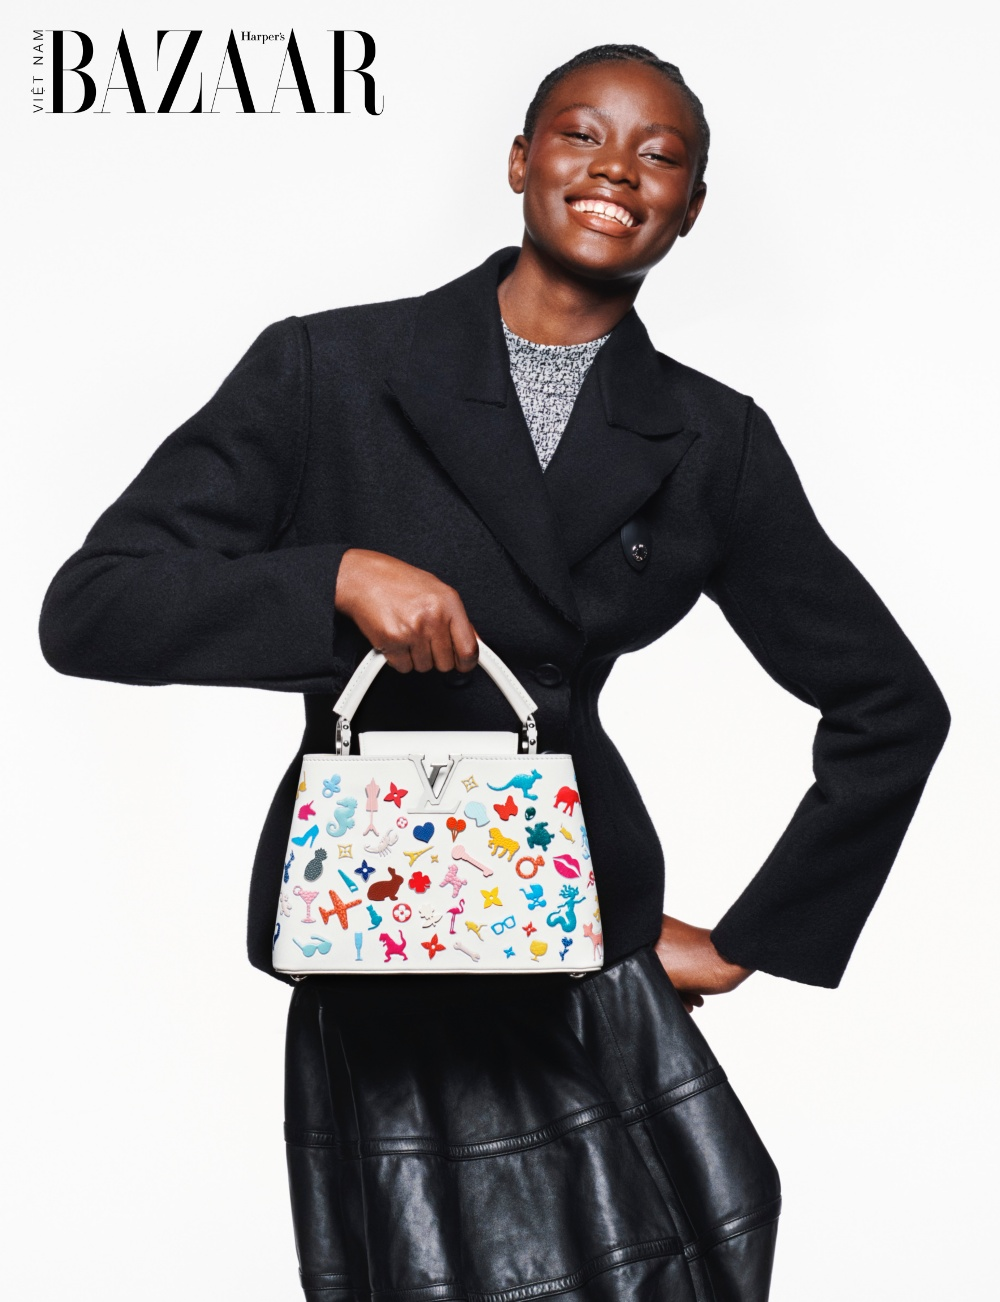 Louis Vuitton ra mắt 6 thiết kế Artycapucines nghệ thuật năm 2021 11